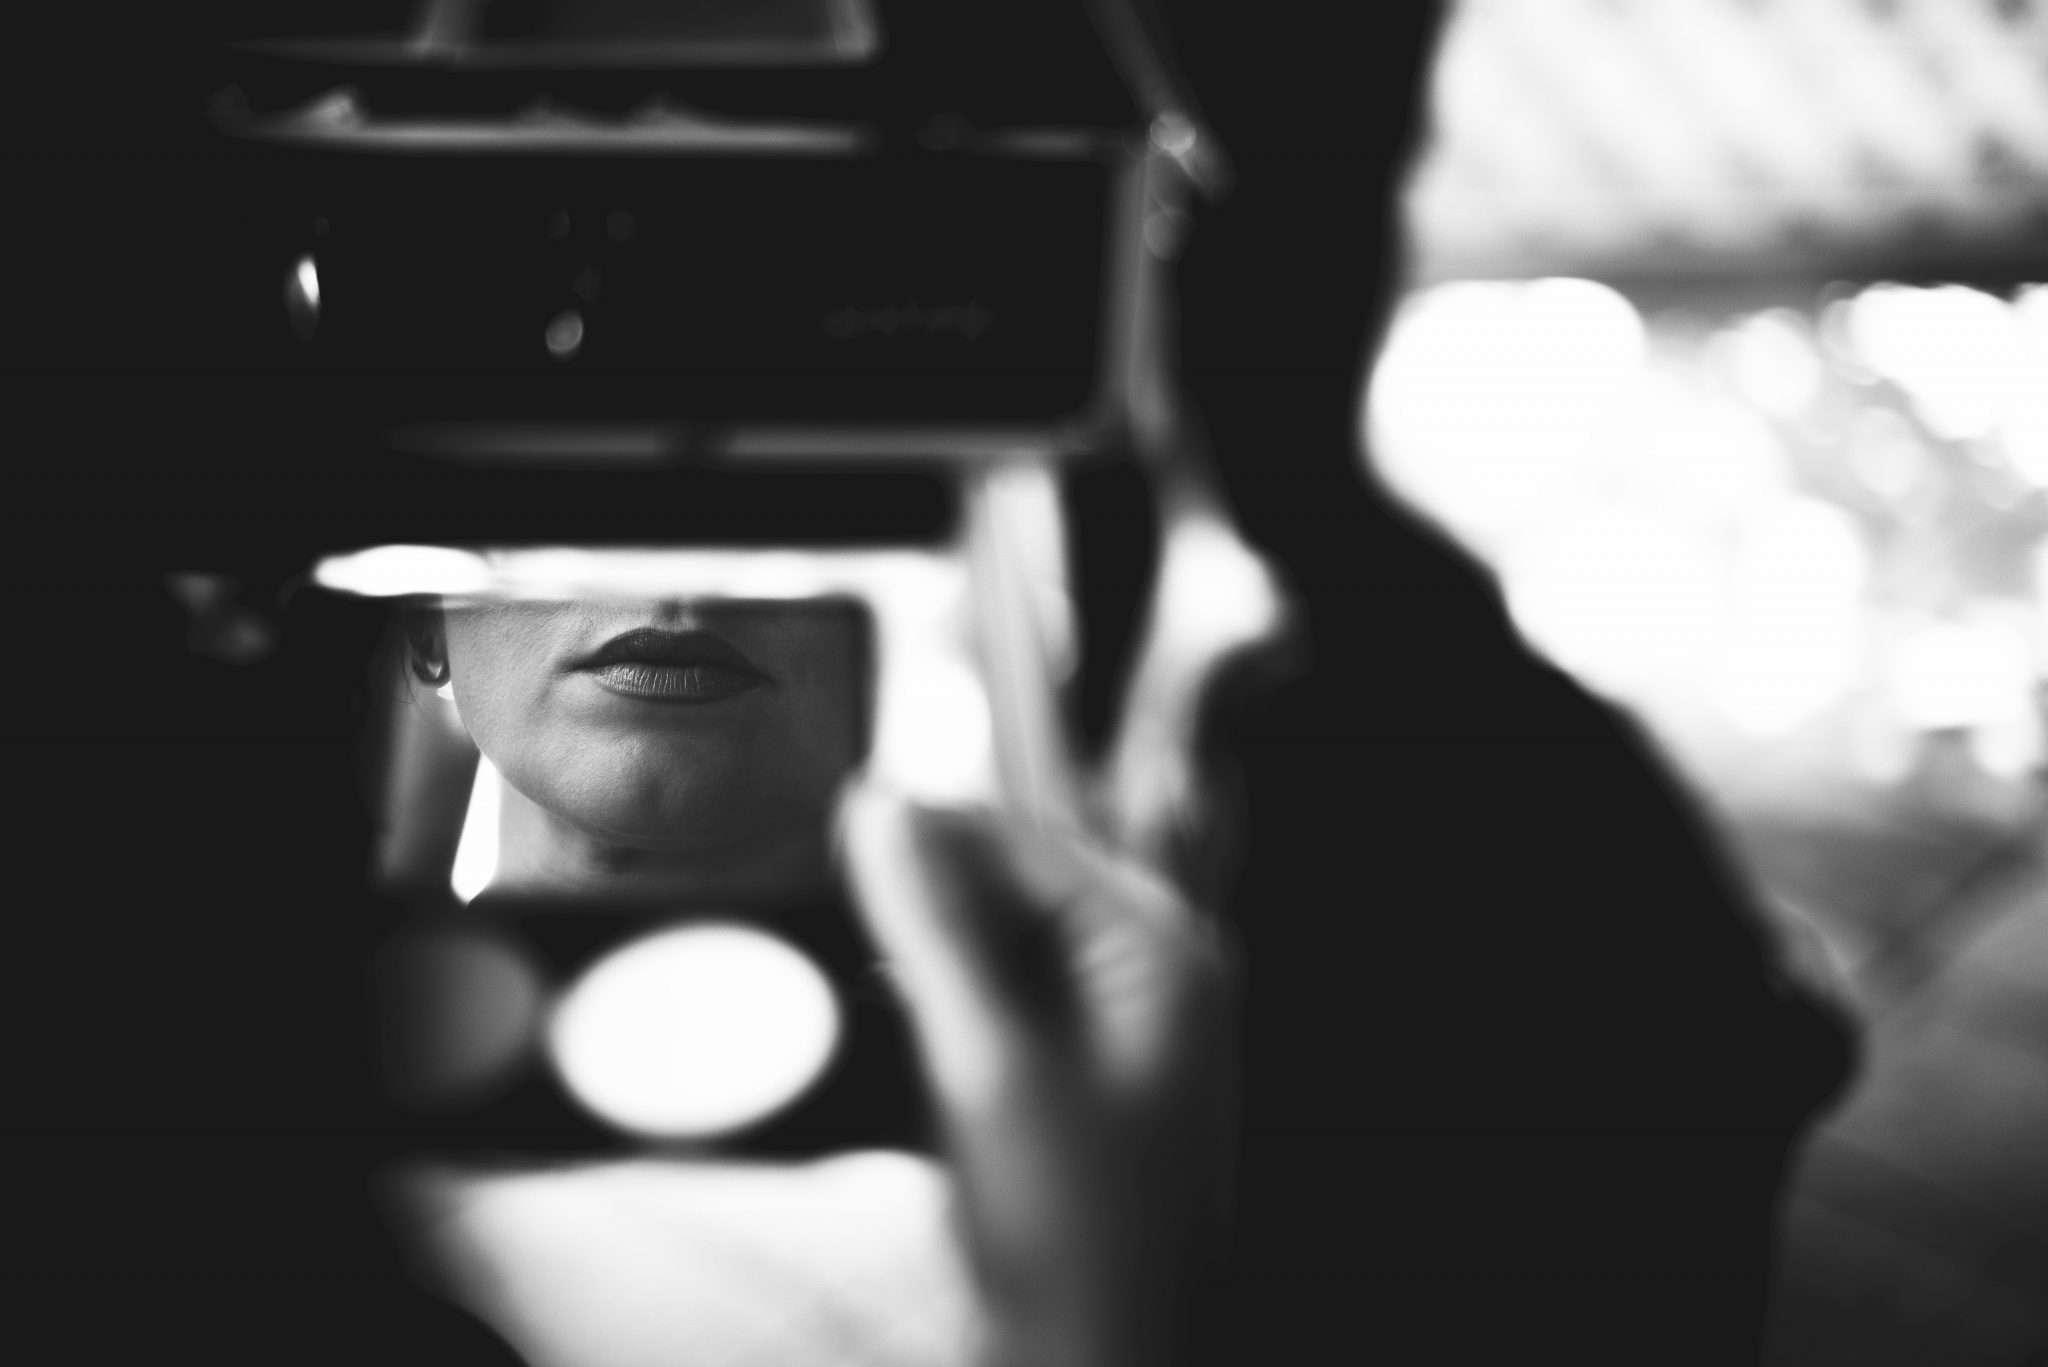 Fotografia sposa allo specchio wedding reportage realizzata da Barbara Trincone fotografa con studio a Pozzuoli - Napoli